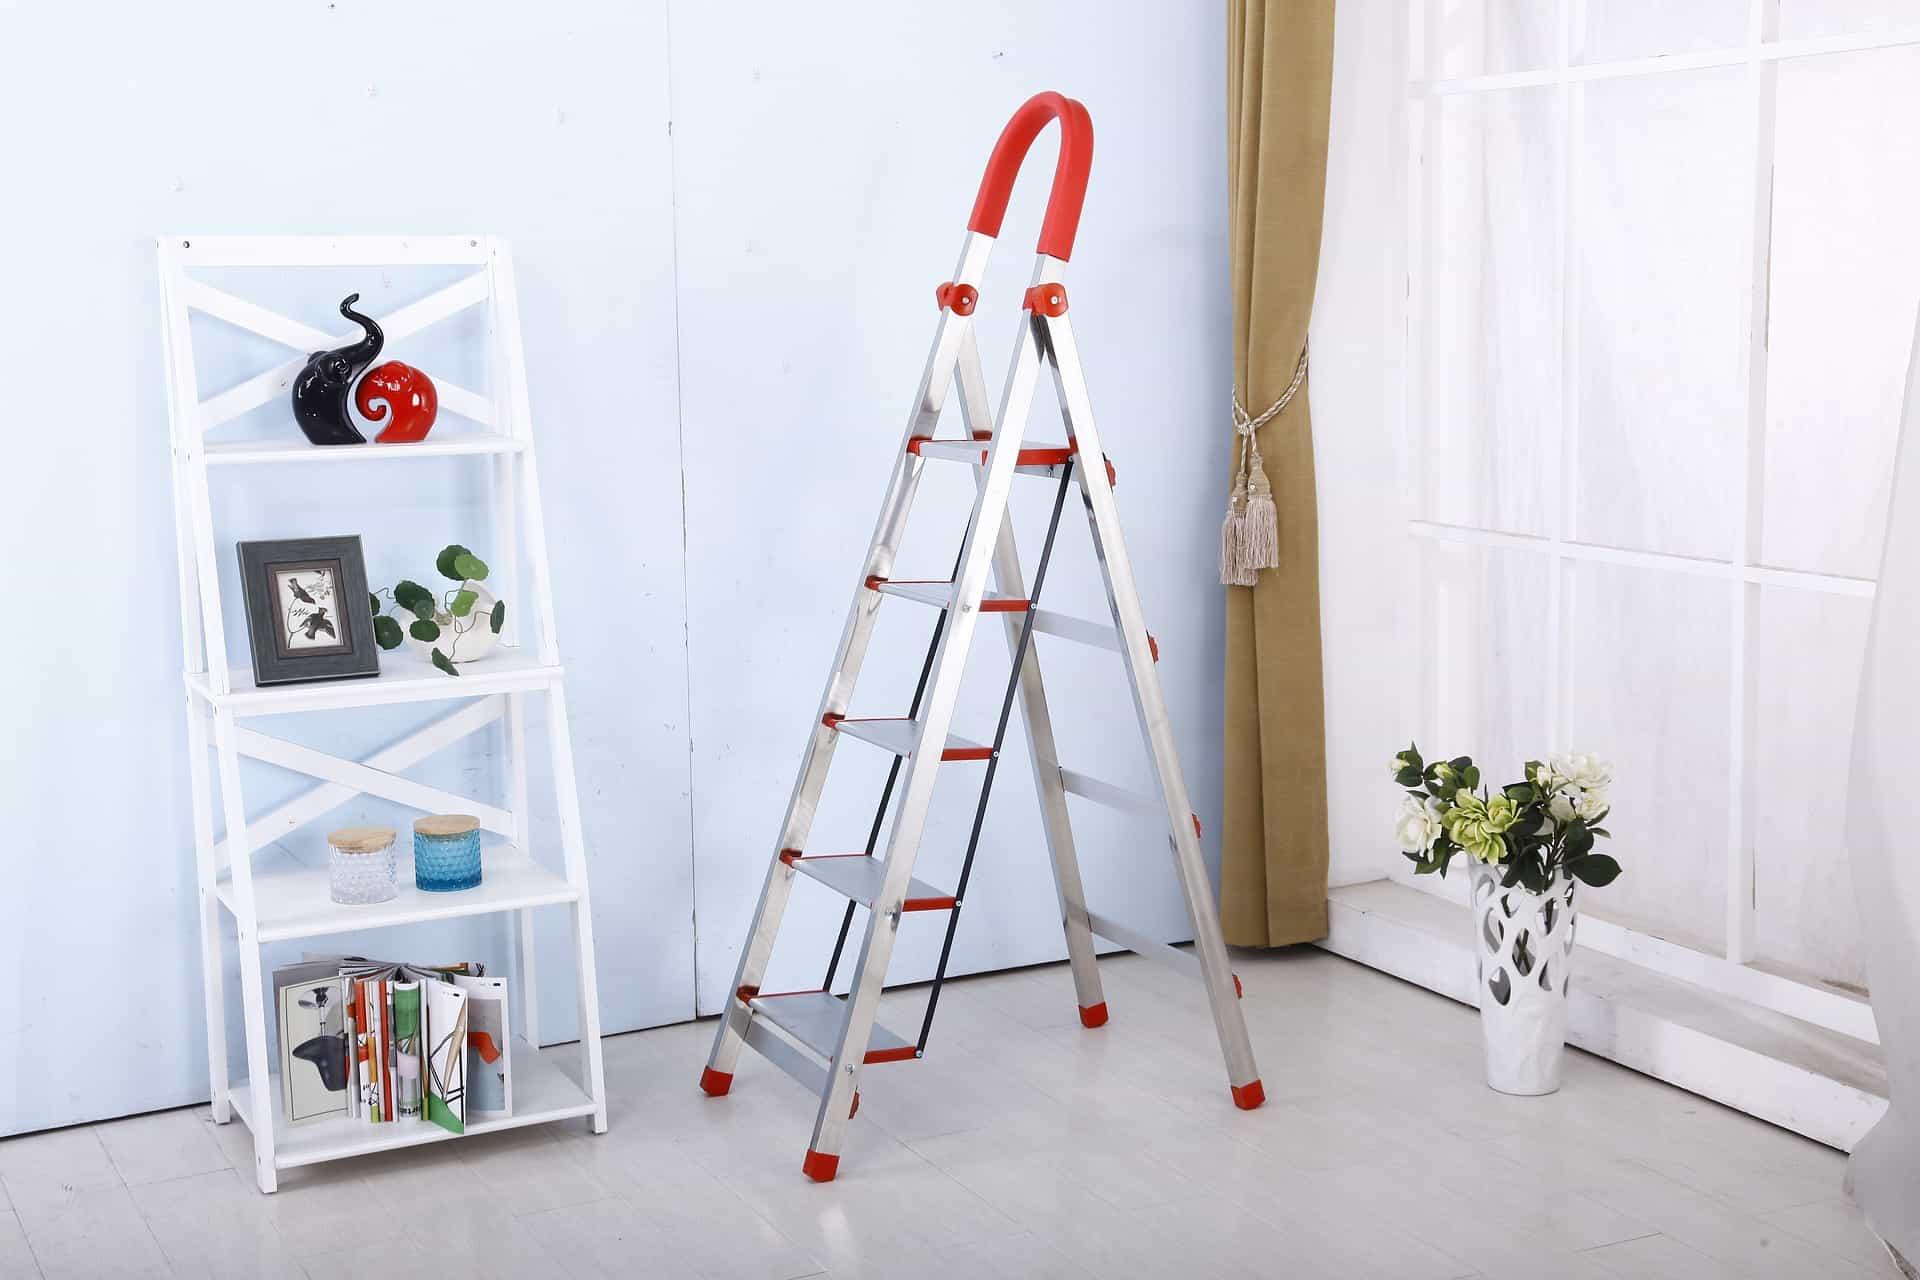 Uma escada dobrável de alumínio em uma sala com uma estante, uma cortina e um vaso com flores.